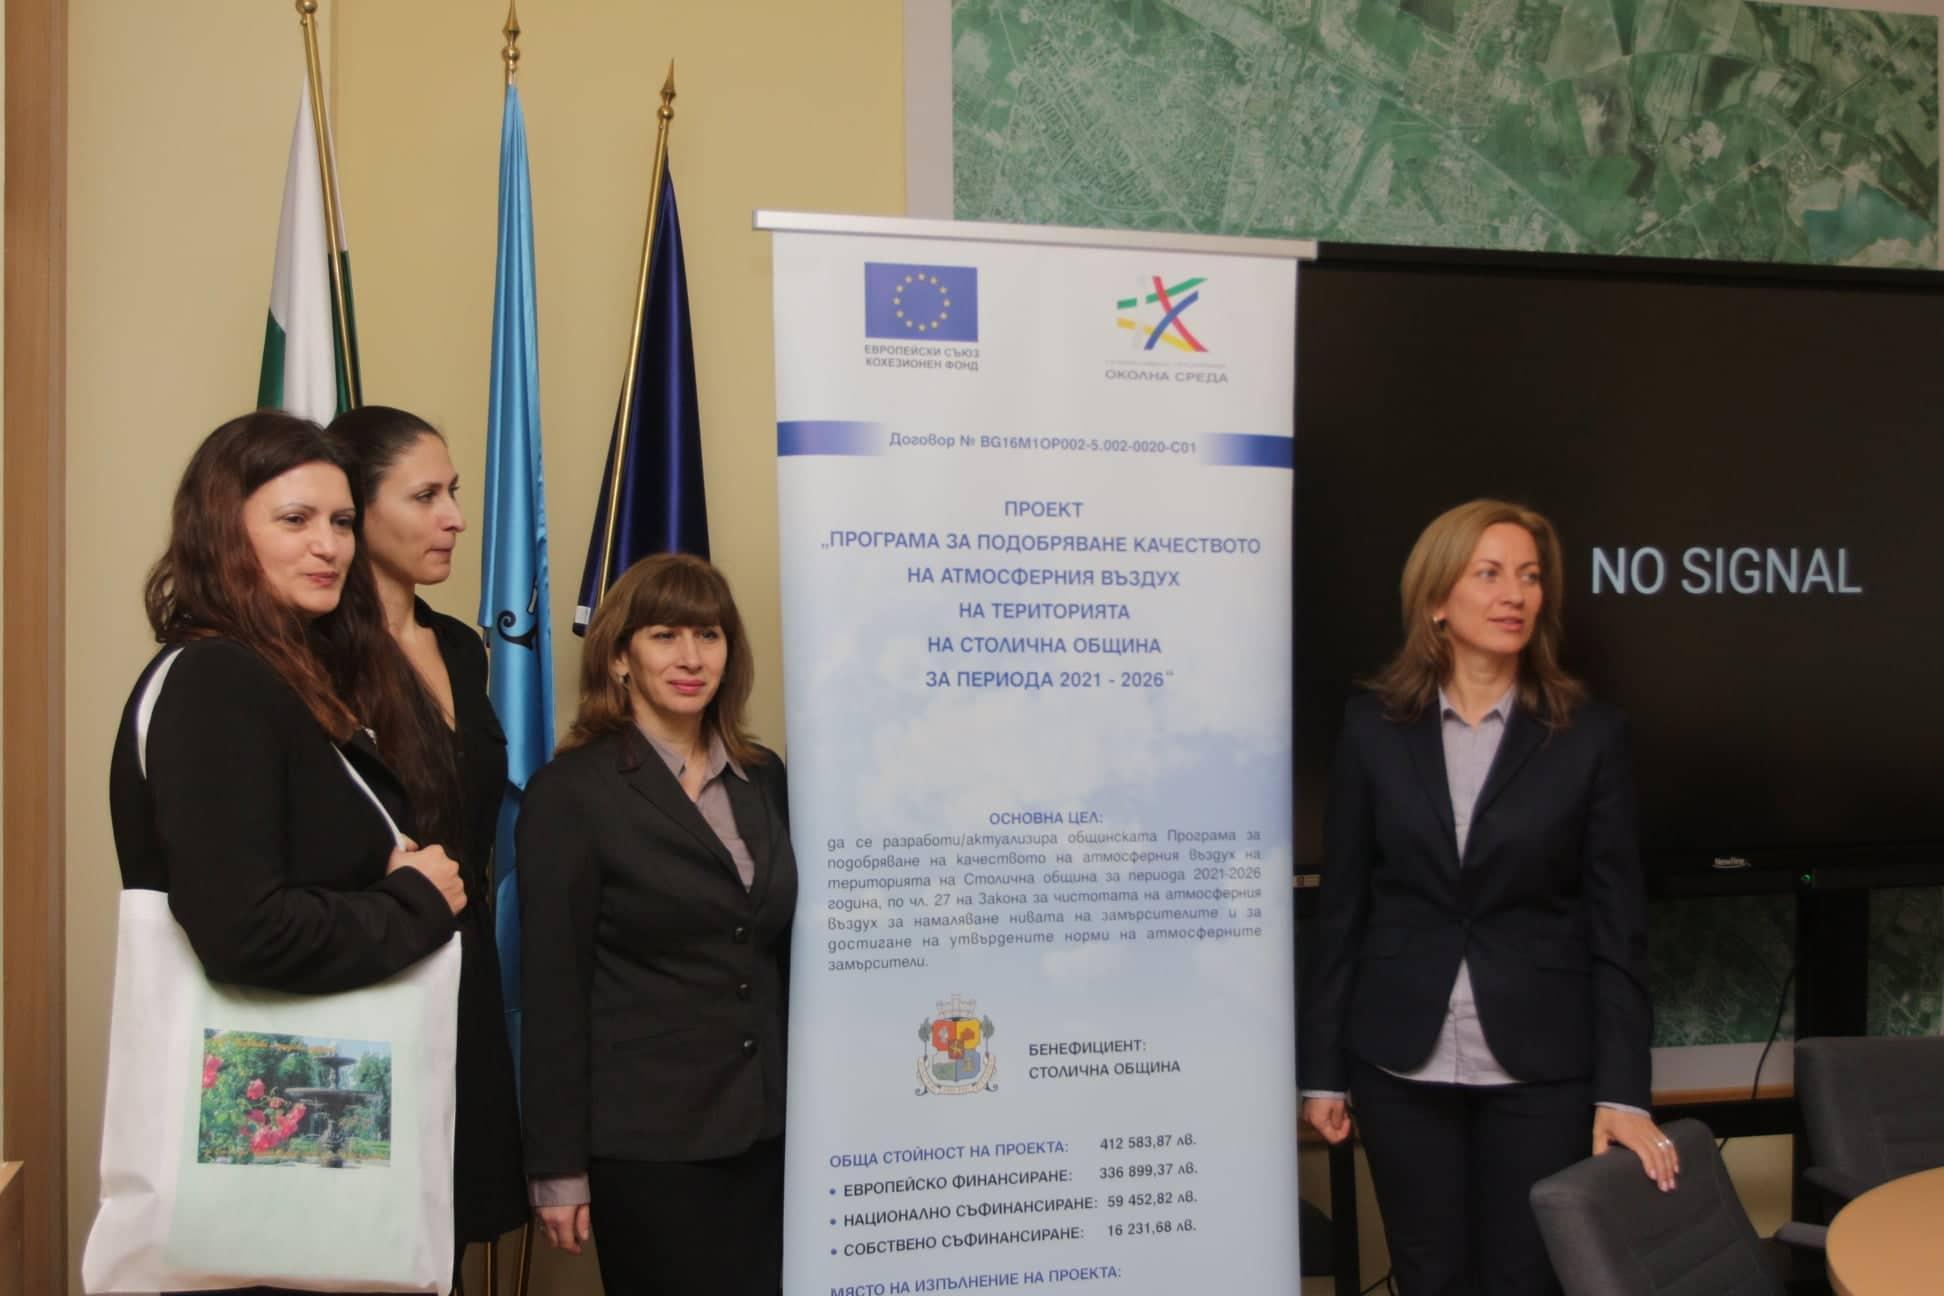 Трети проект финансиран по ОПОС за качеството на въздуха